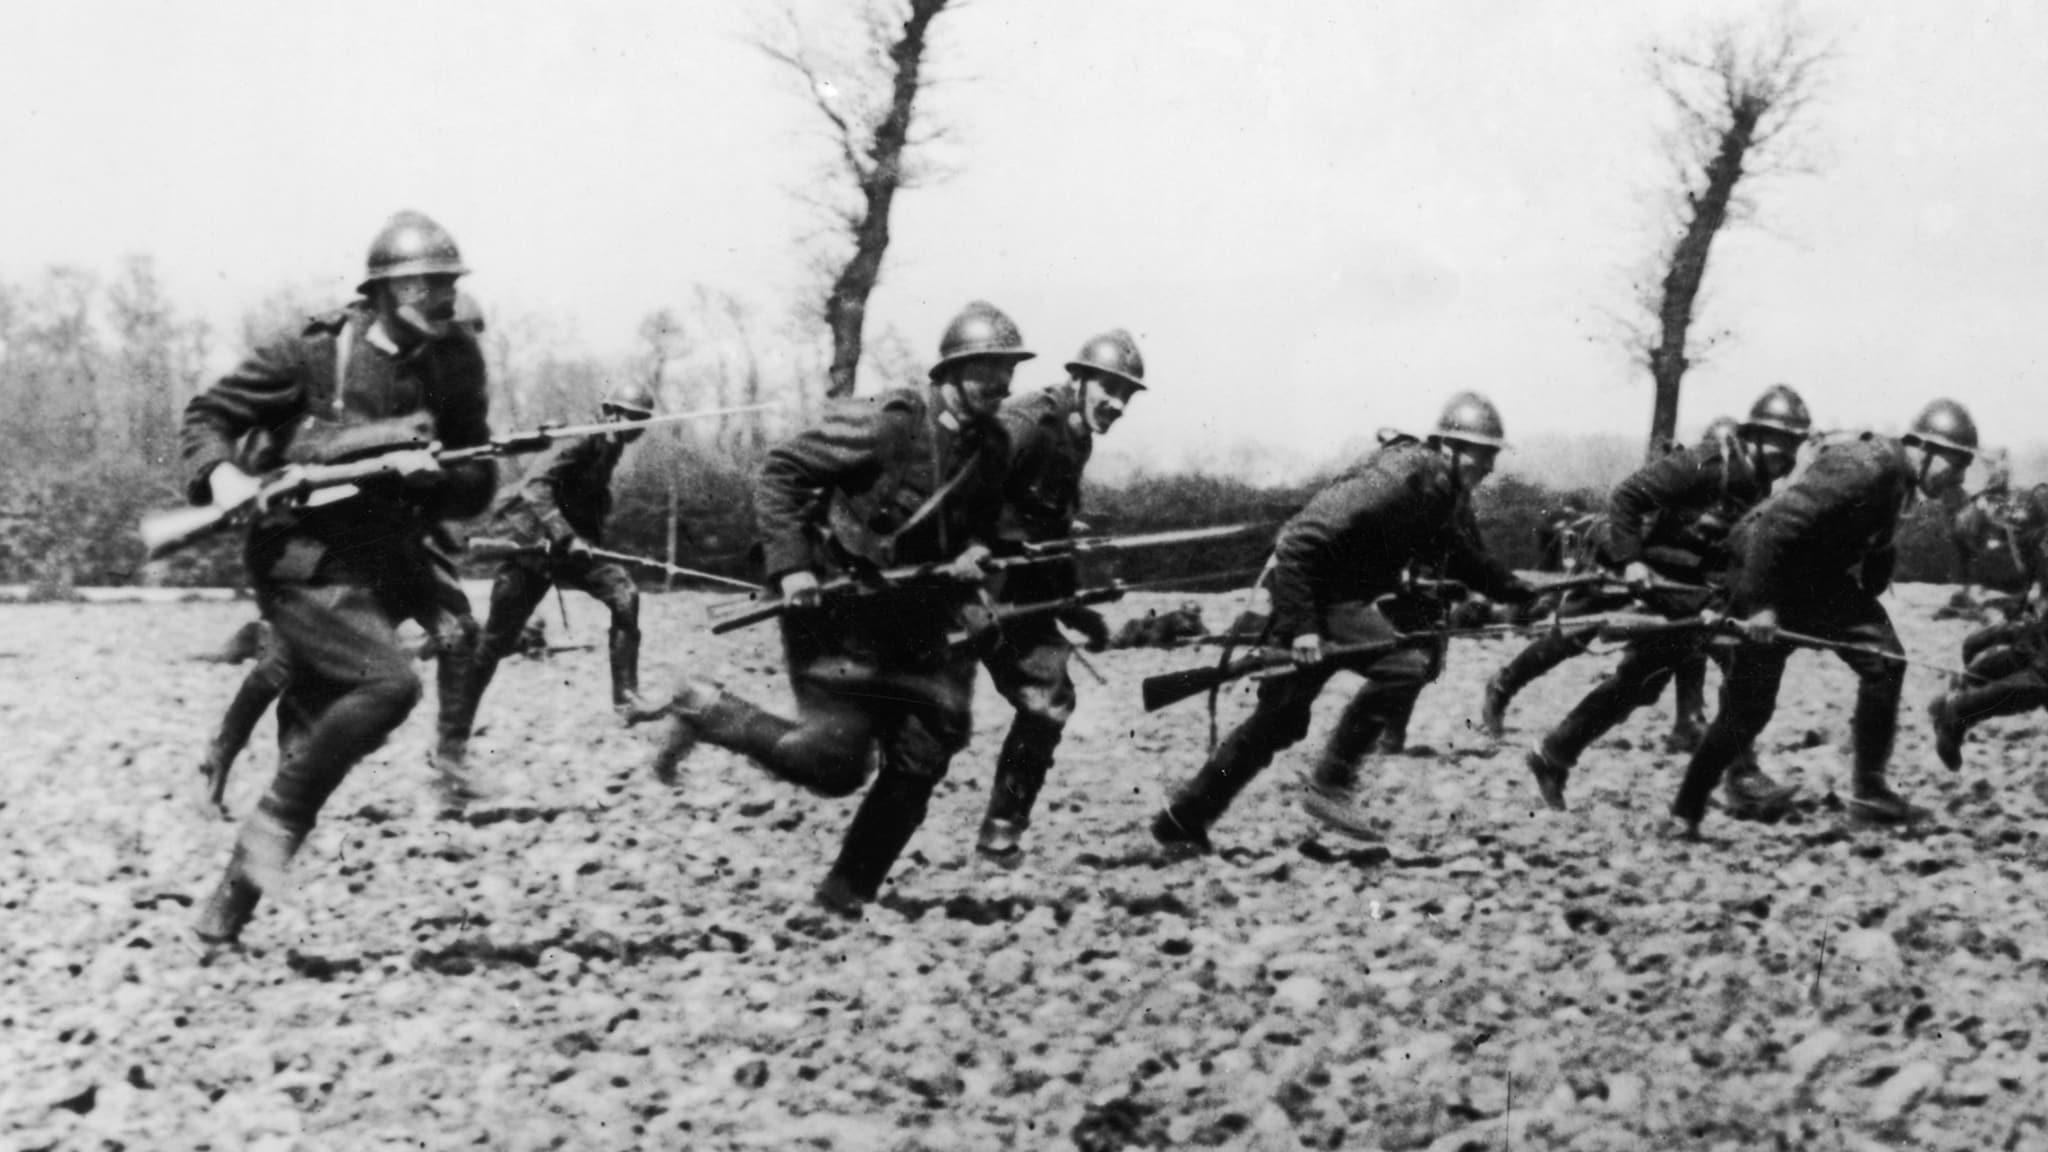 Rai Storia '14-'18 Grande Guerra 100 anni dopo pt 7 - La grande guerra sui mari